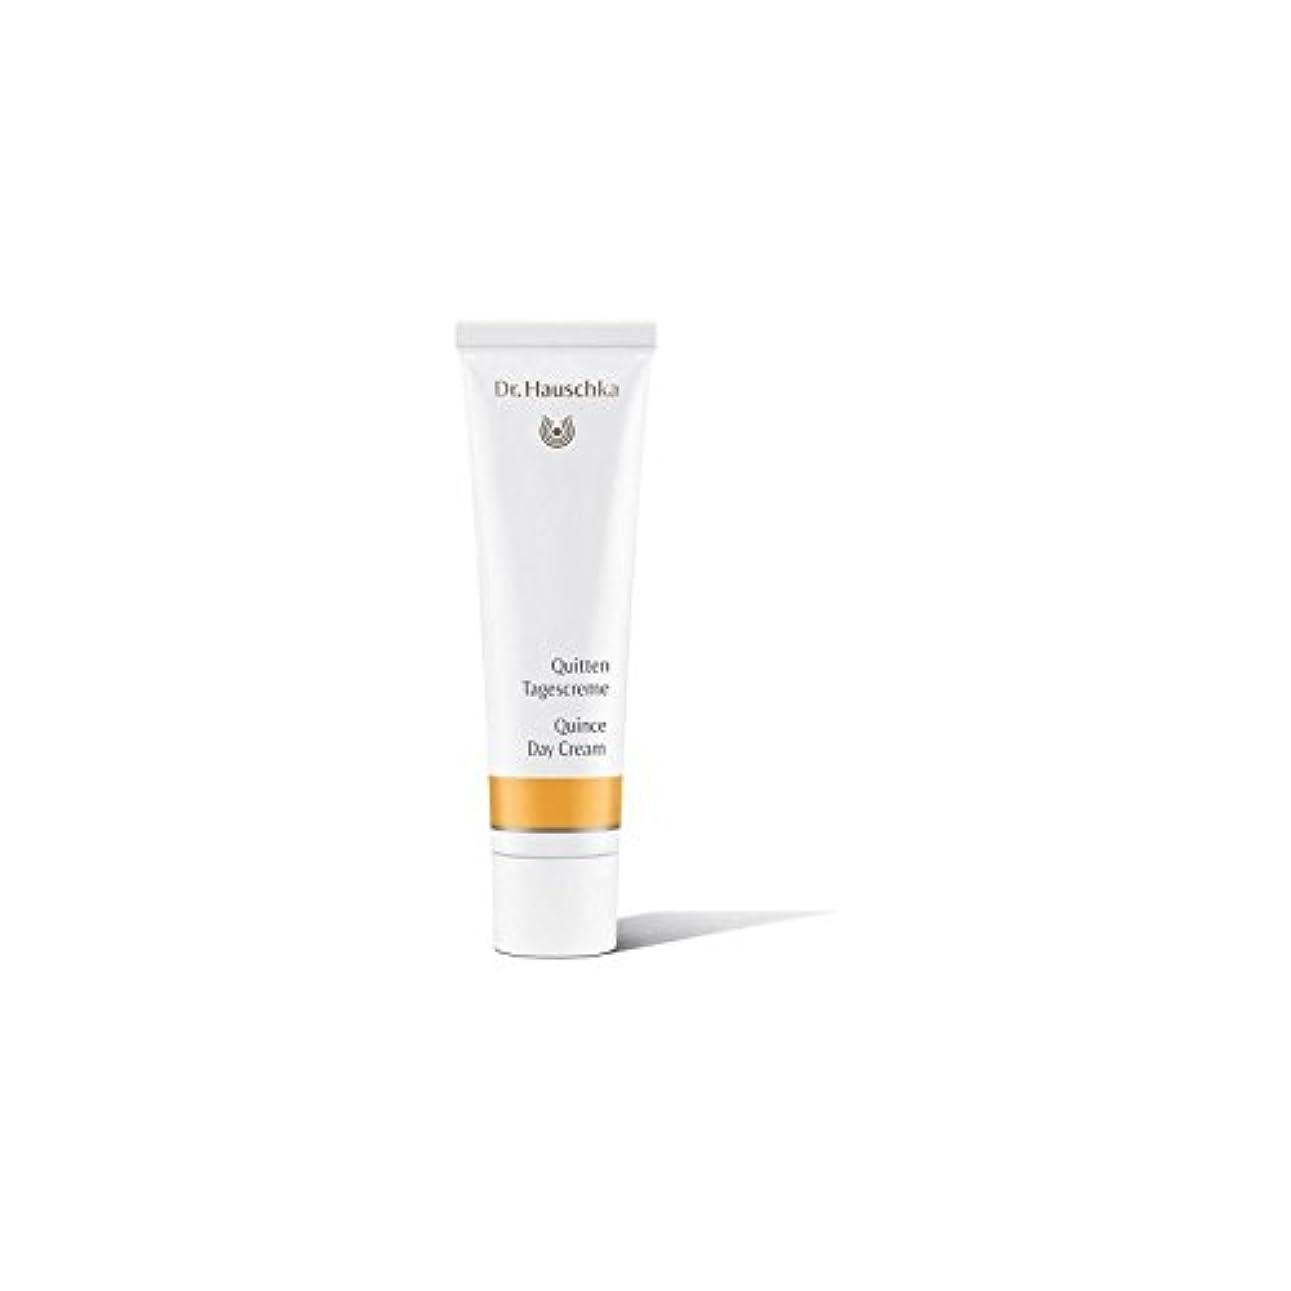 マーティンルーサーキングジュニアかろうじてコンクリートハウシュカクインスデイクリーム30 x4 - Dr. Hauschka Quince Day Cream 30ml (Pack of 4) [並行輸入品]